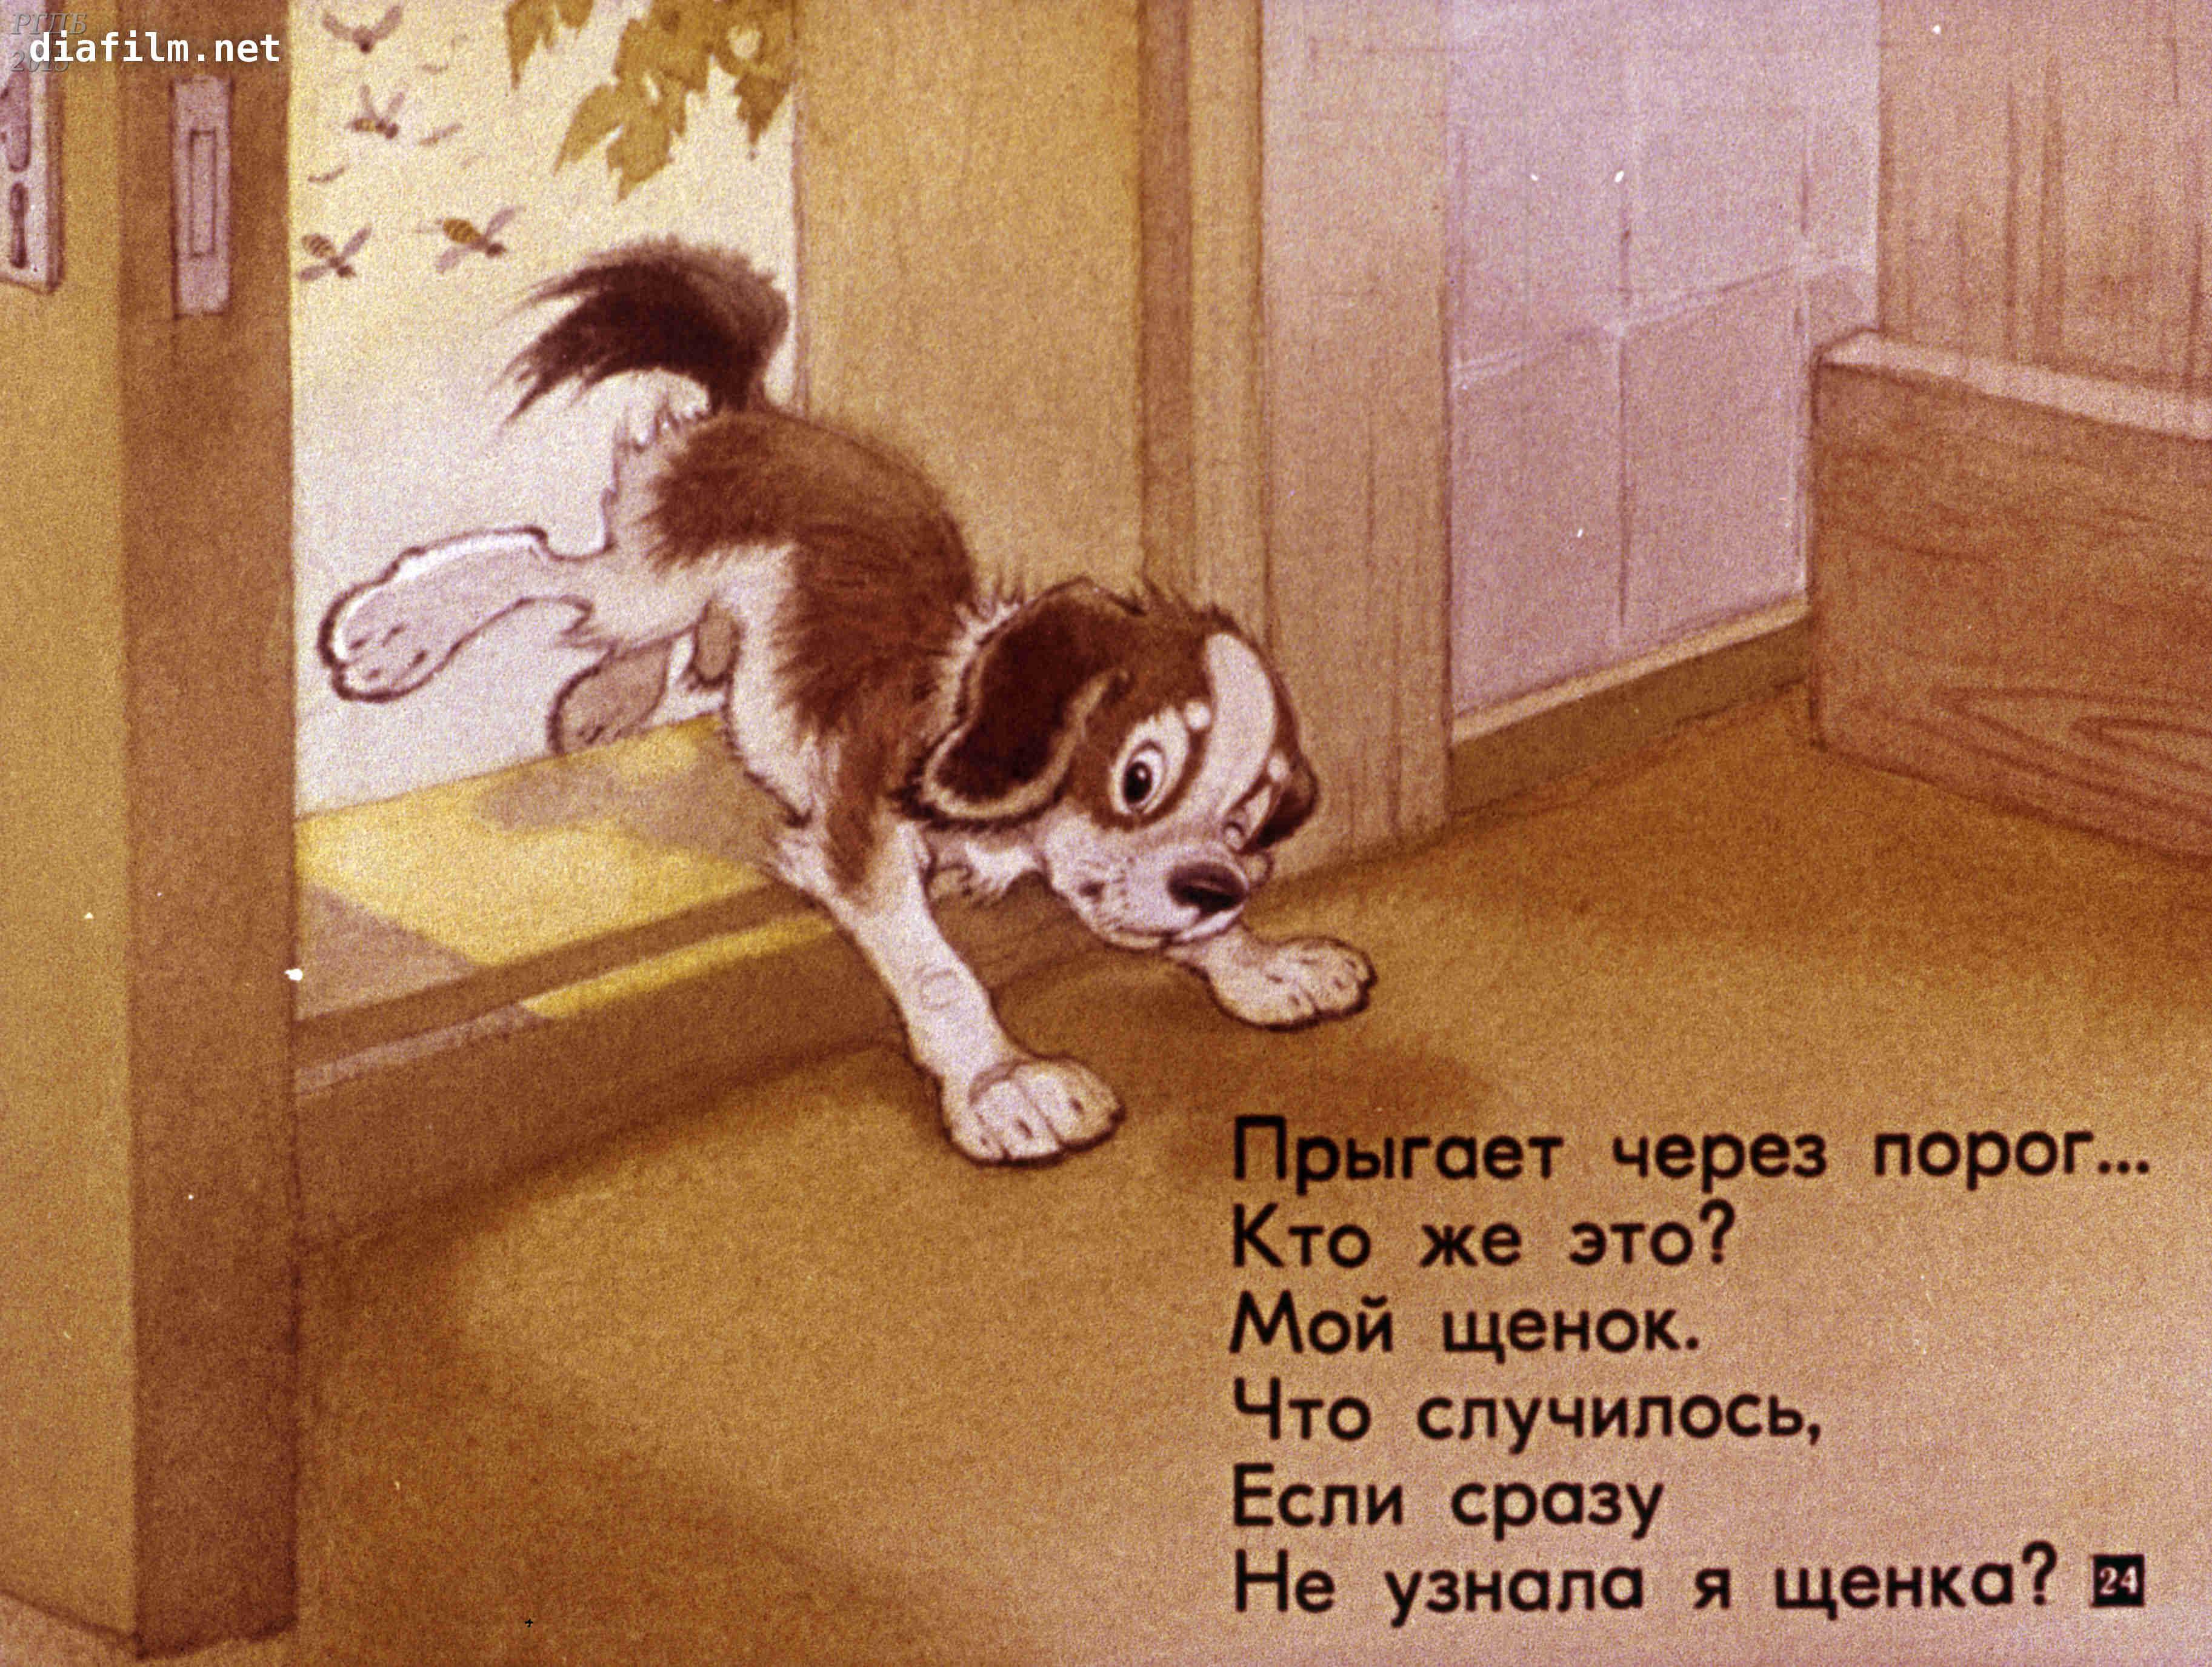 у меня пропал щенок стих с картинками надейтесь увидеть